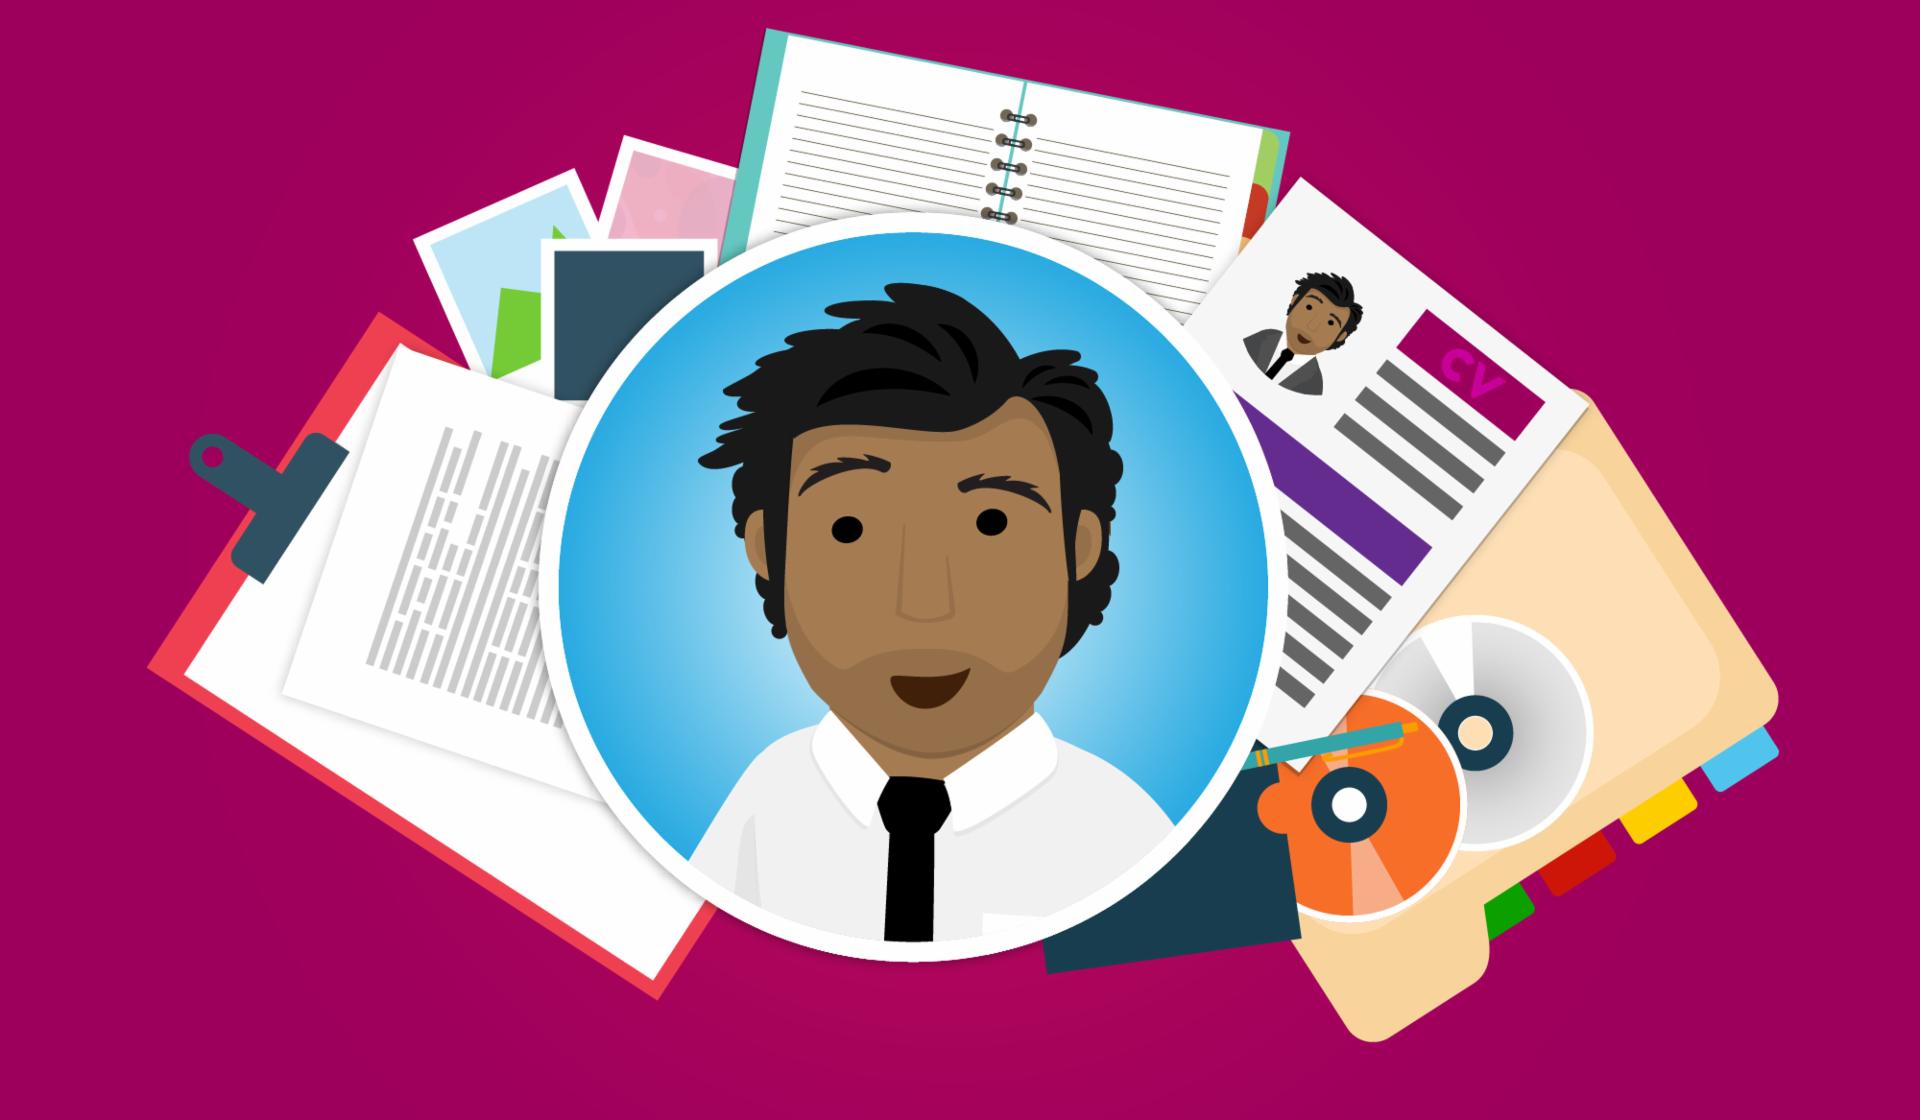 Faça um documento com os trabalhos que você já fez para poder aprensentá-los numa entrevista.